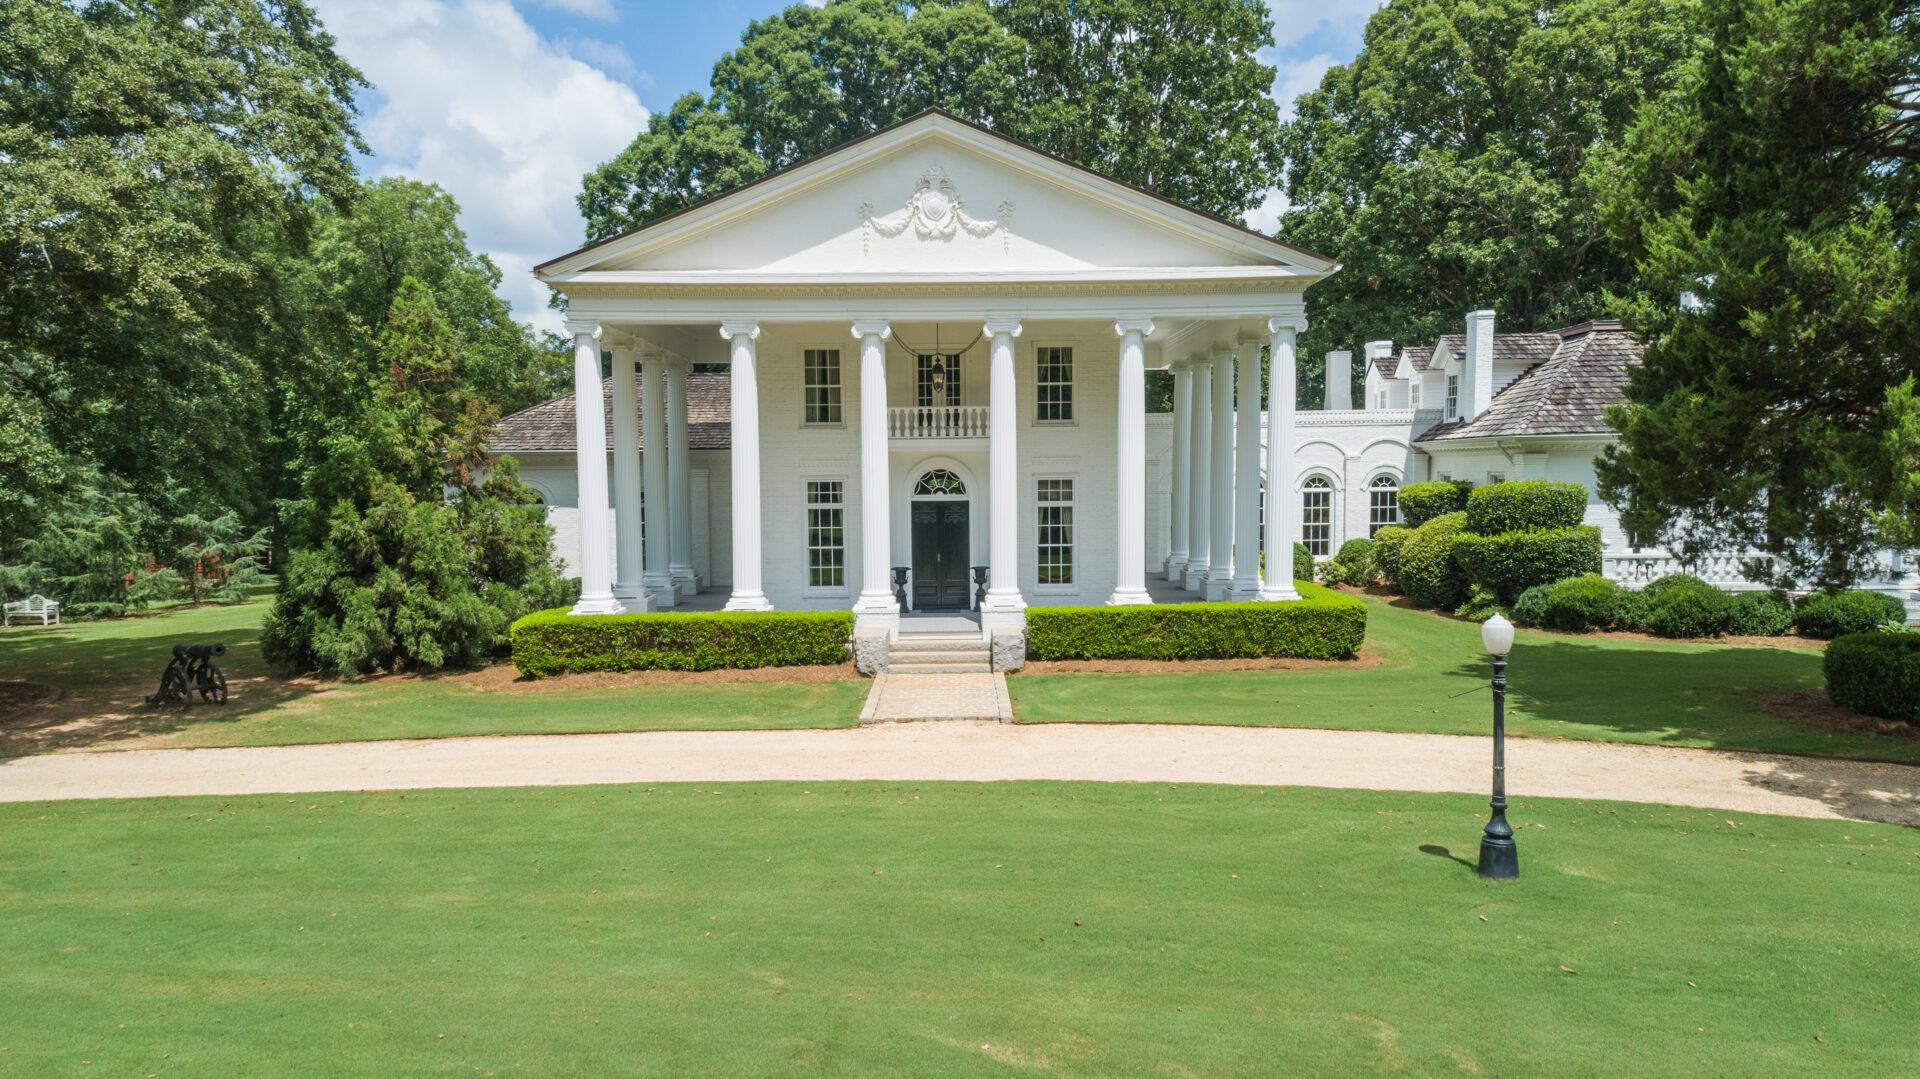 Rustic events venue with manicured lawn at Serenata Farm in Madison, GA